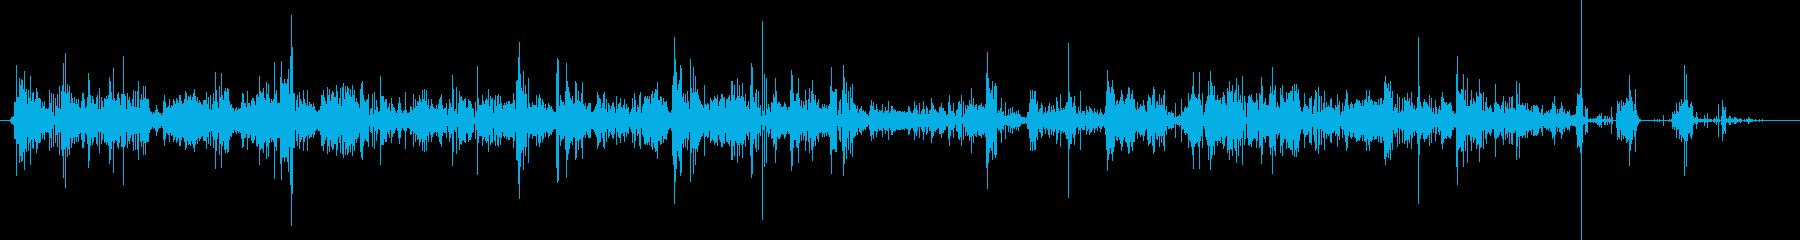 きしむパックスノー:ランニング、ア...の再生済みの波形